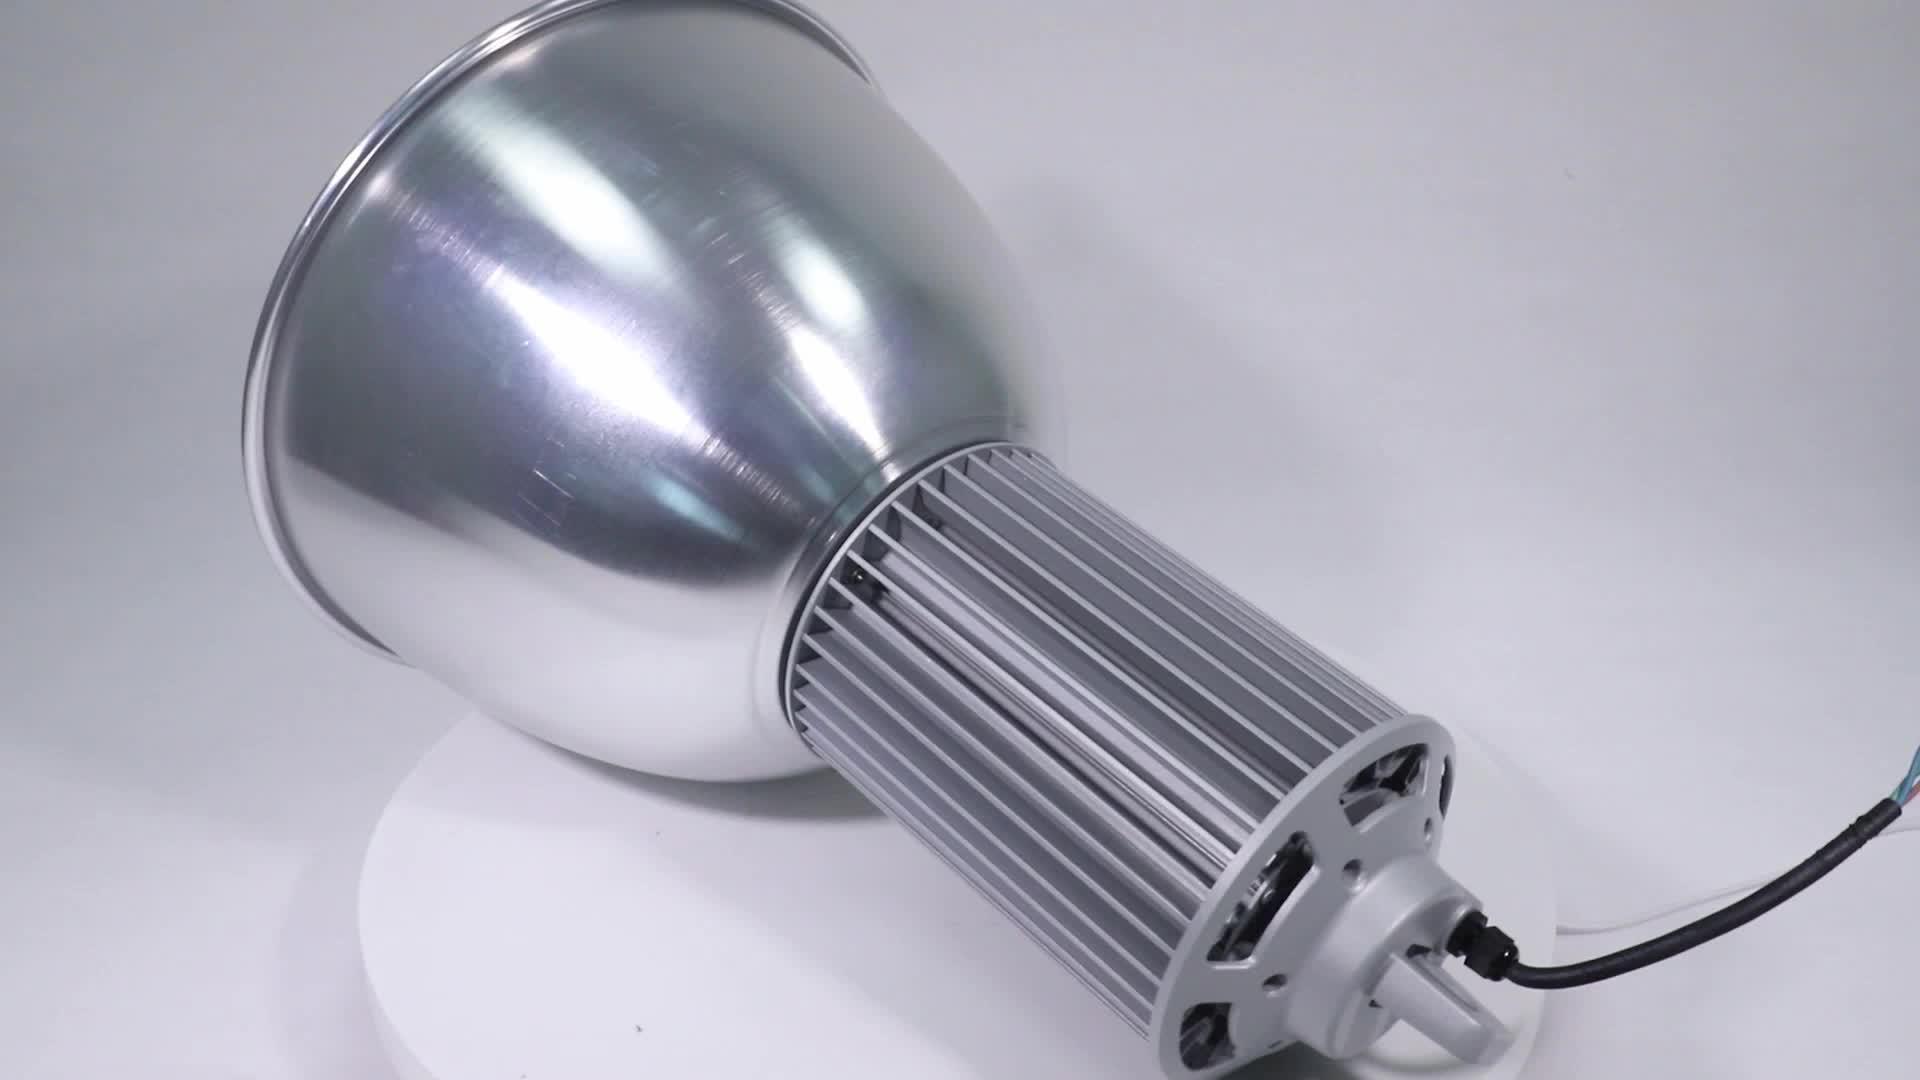 5 년 warranty 고 현 등 빛 150 w best led 에 쉔 젠